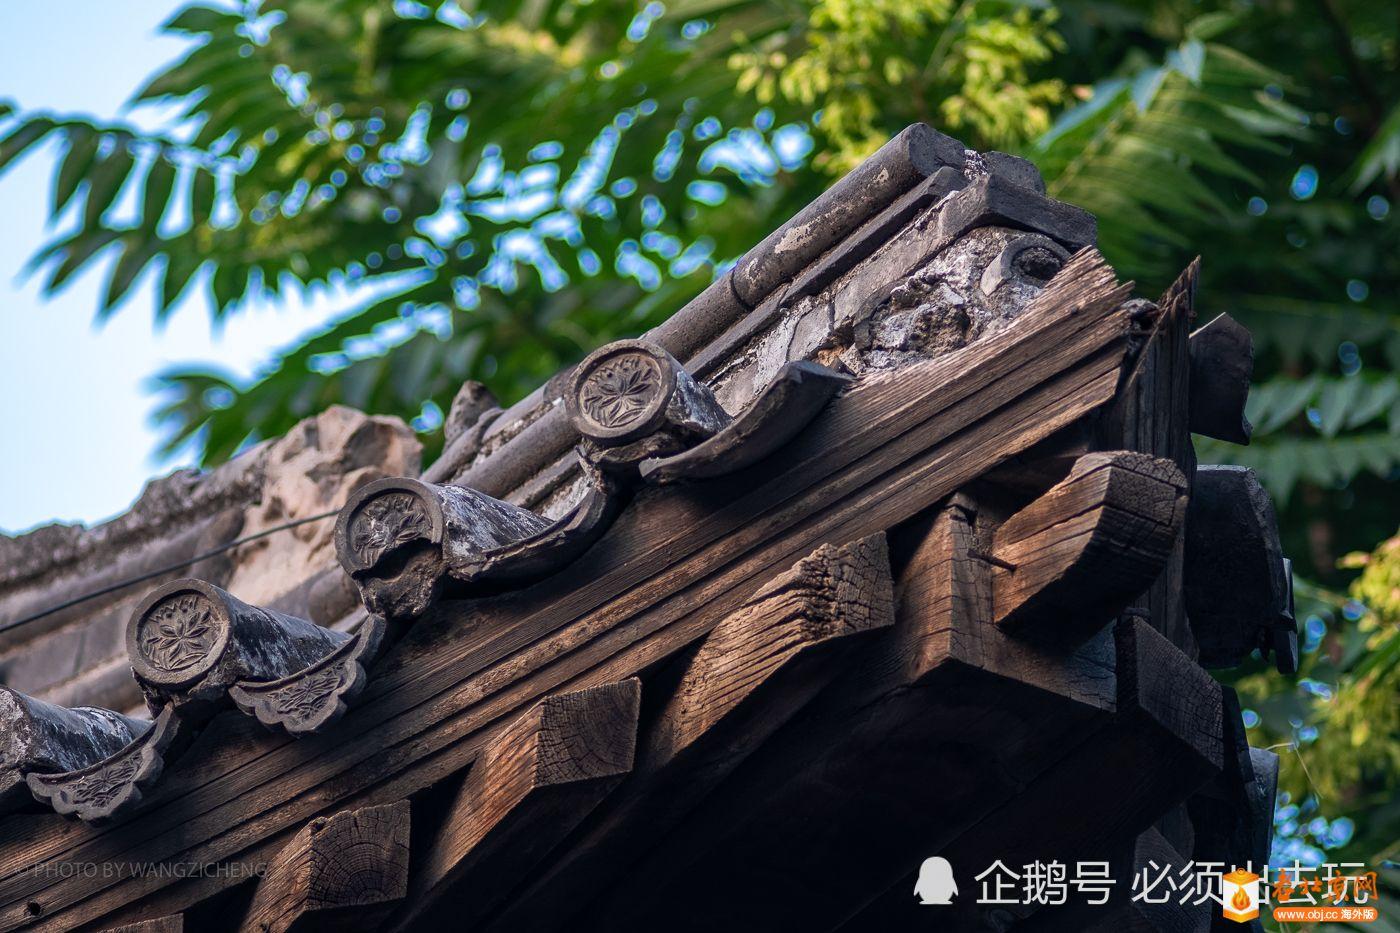 飞檐上的细节还是能见到一些当年的工艺